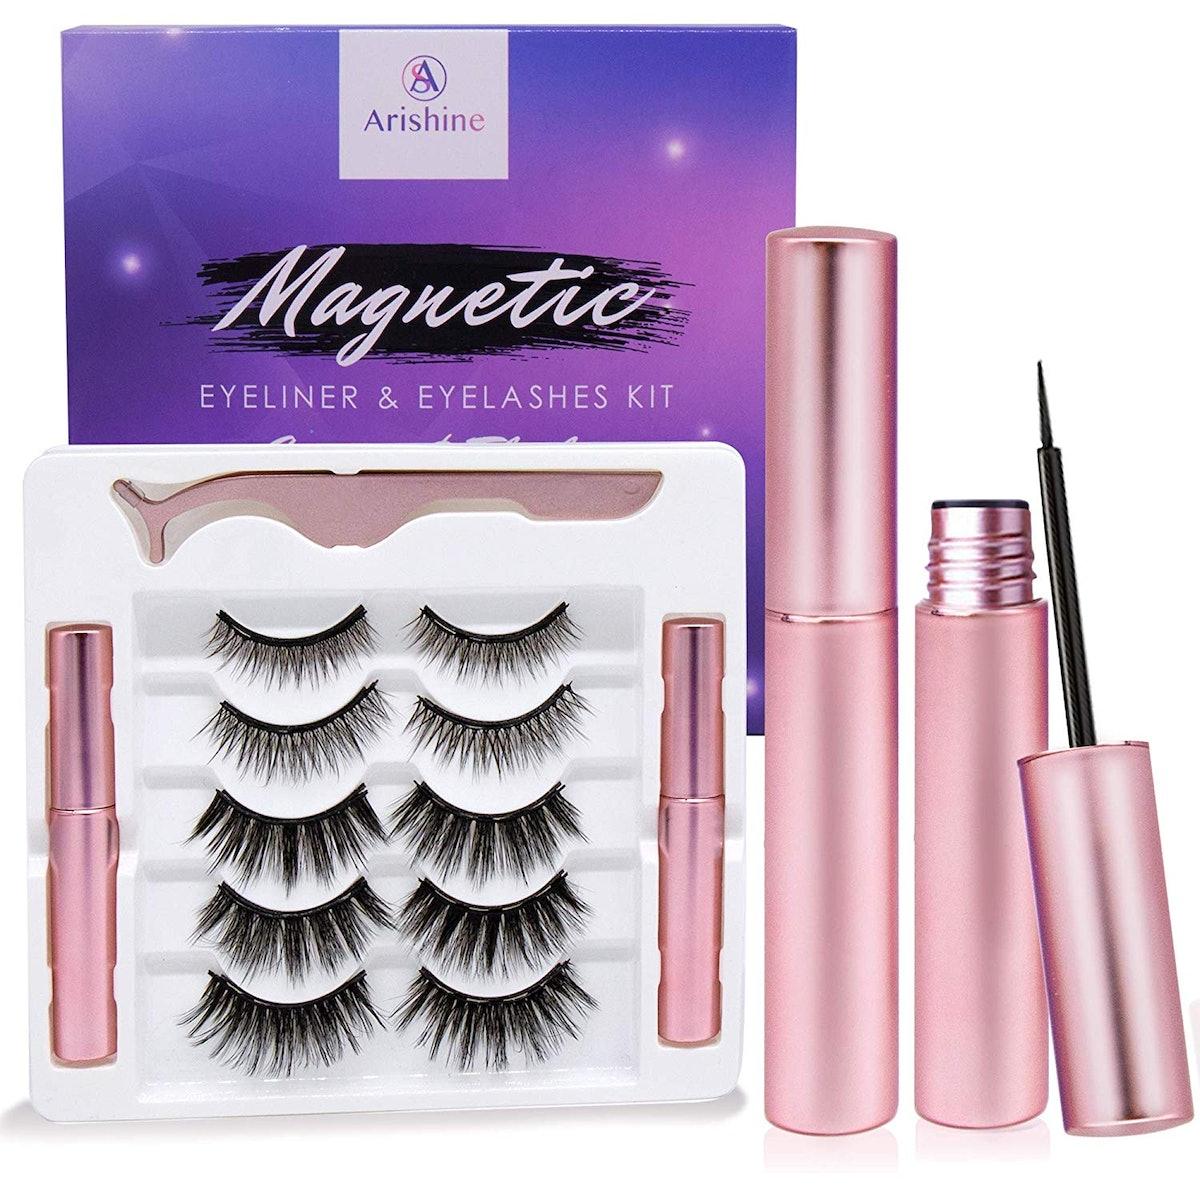 Arishine Magnetic Eyeliner and Lashes Kit (5 Pairs)